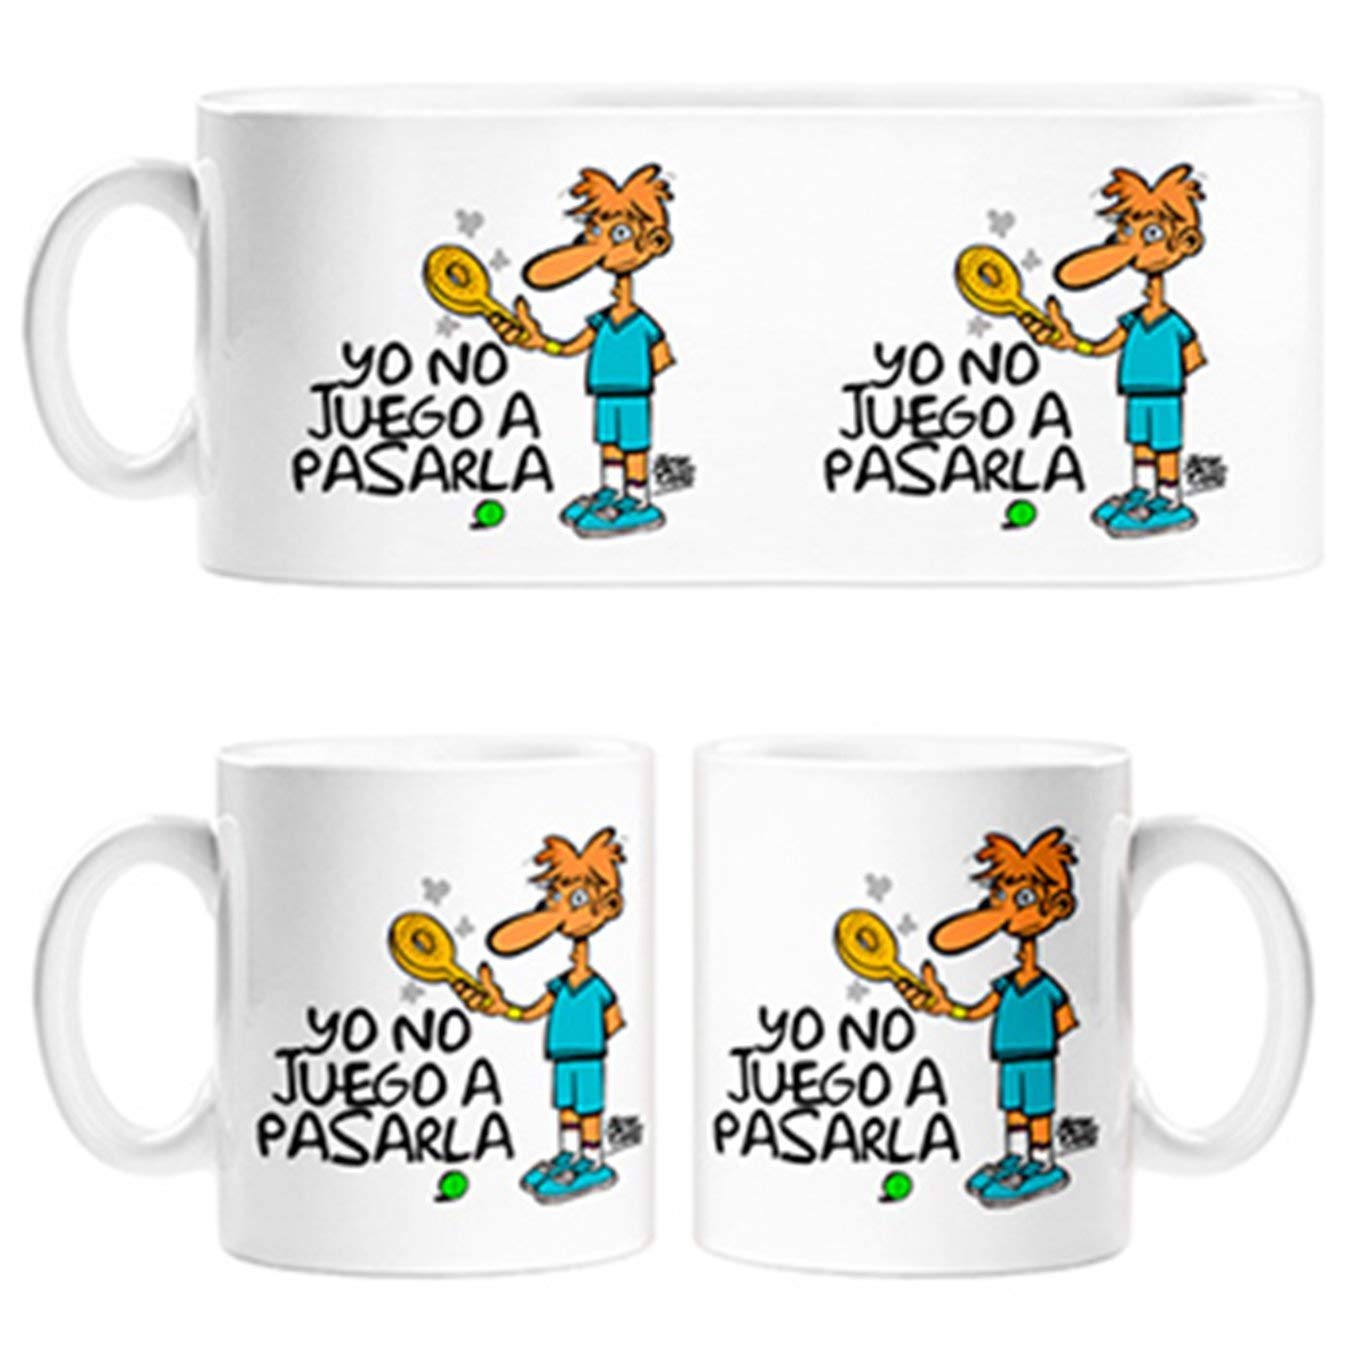 Diver Tazas Taza para jugones de Padel yo no Juego a pasarla ...